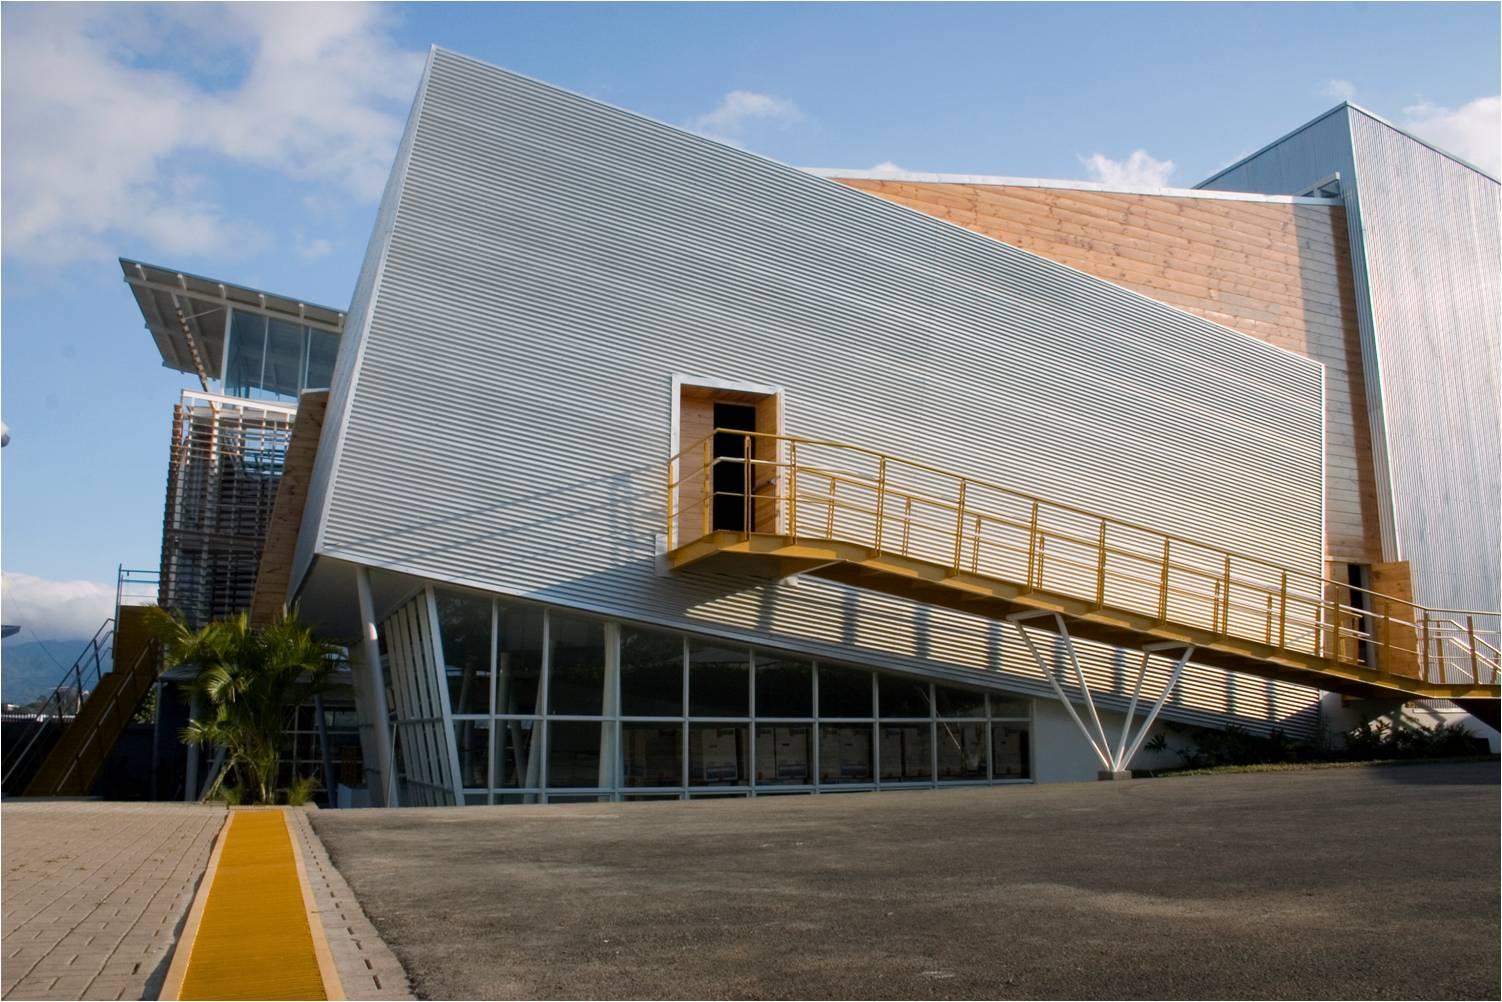 Taller de dise o 7 8 talleres de arquitectura y auditorio for Universidades para arquitectura